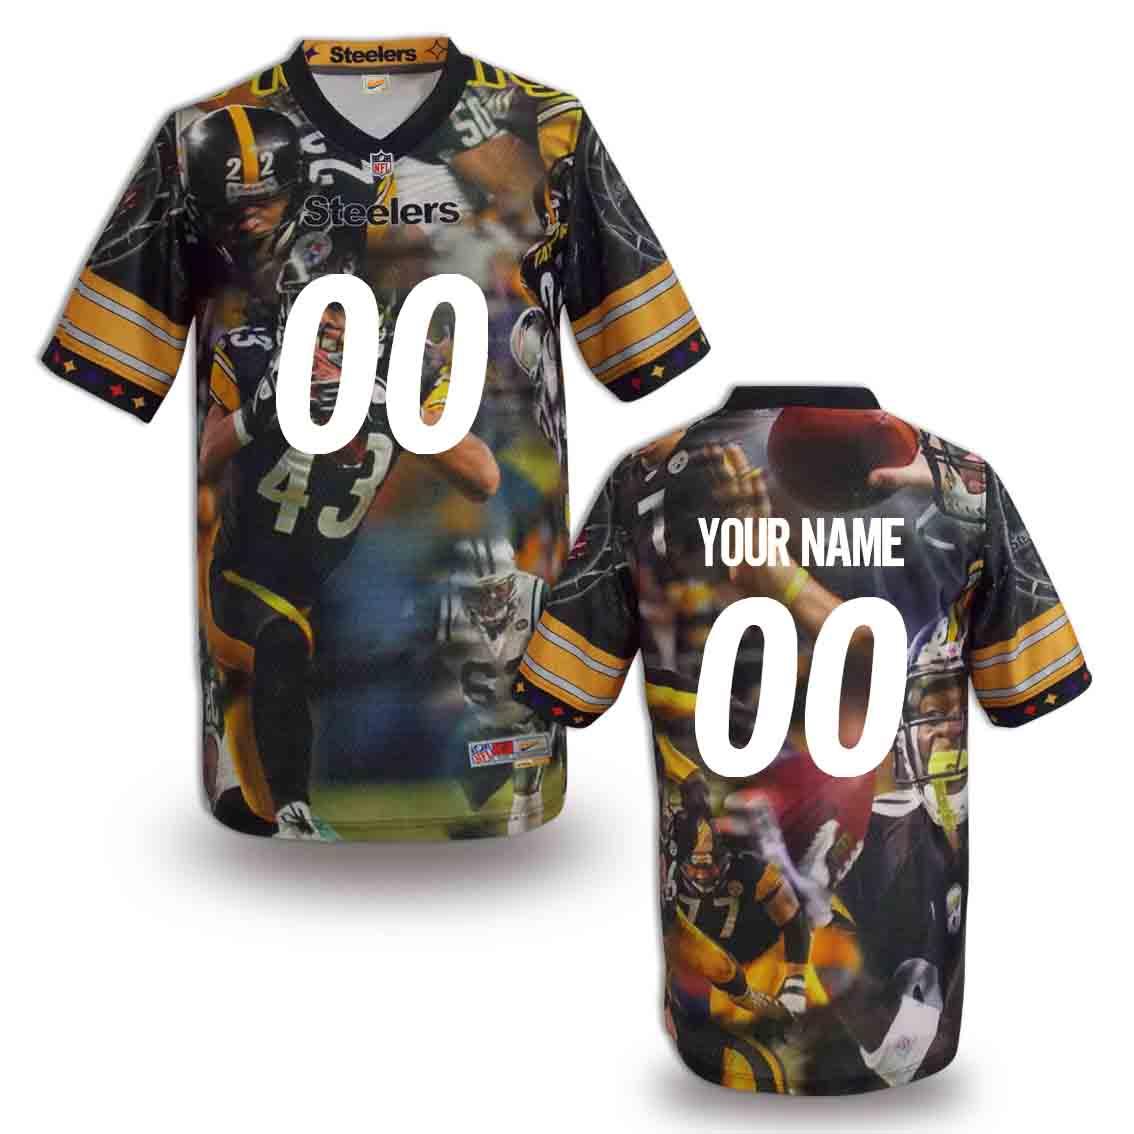 Nike Steelers Customized Fashion Stitched Jerseys02